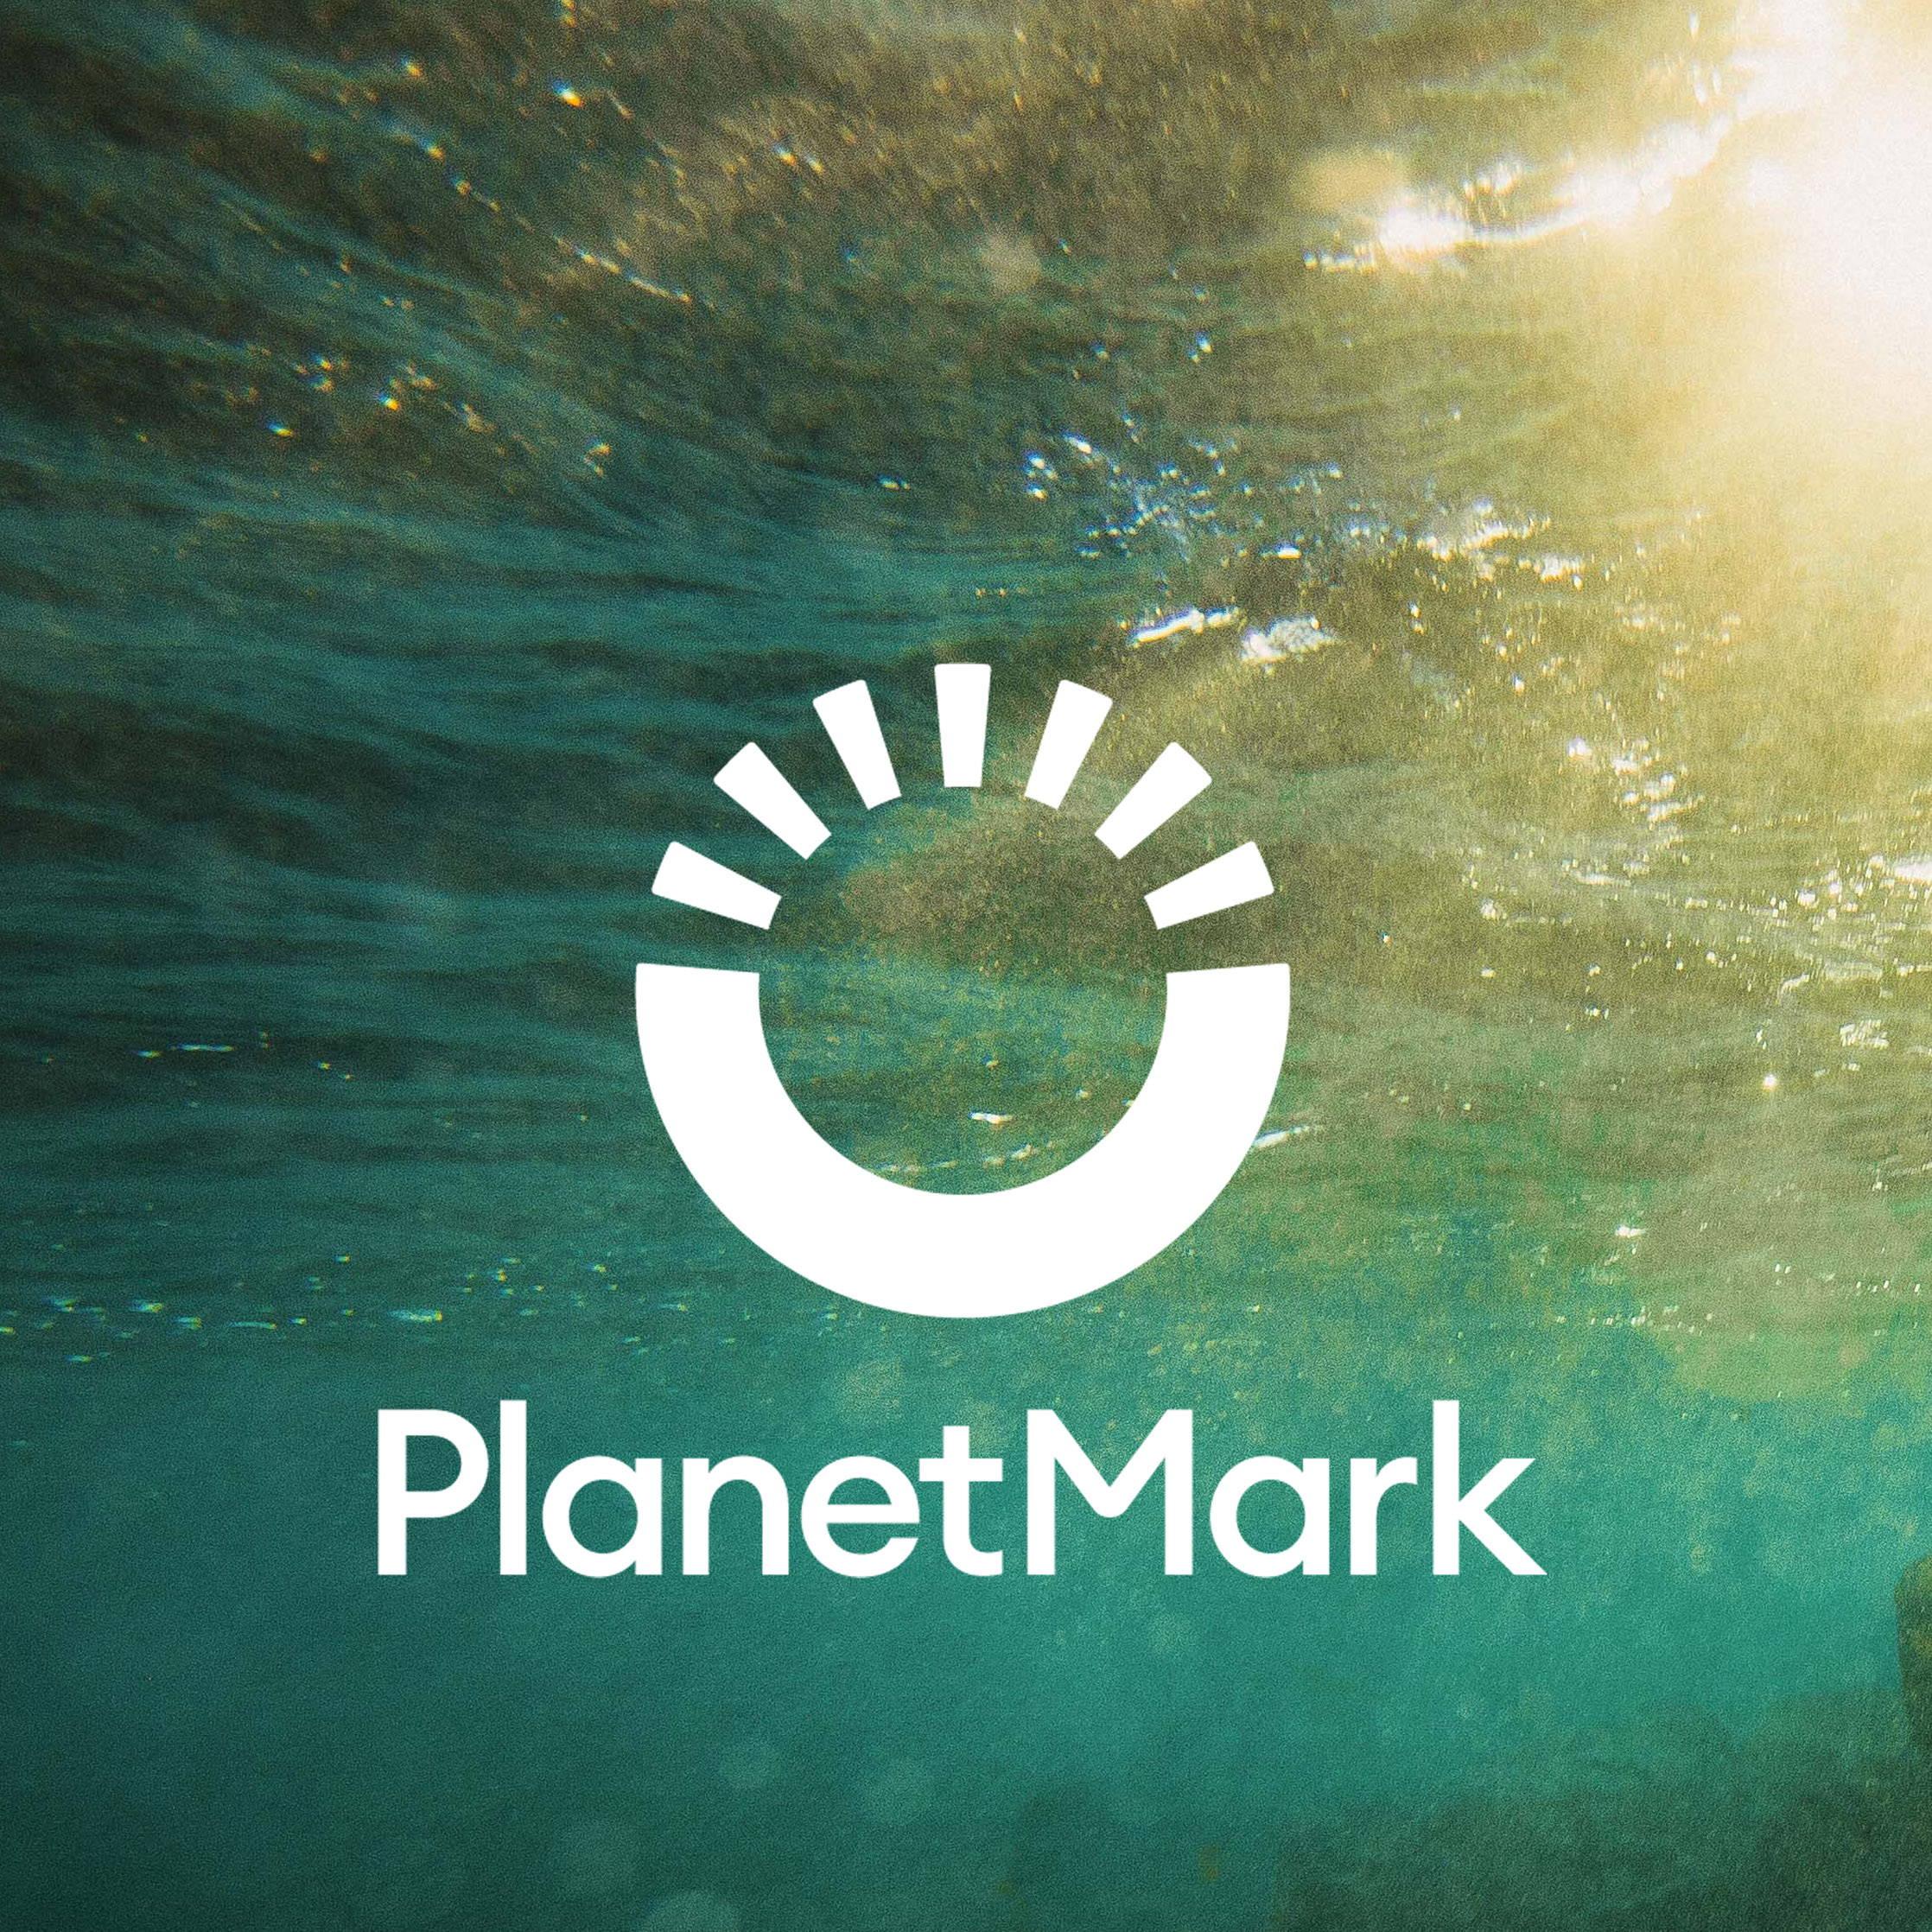 feel-good-drinks-awarded-the-planet-mark